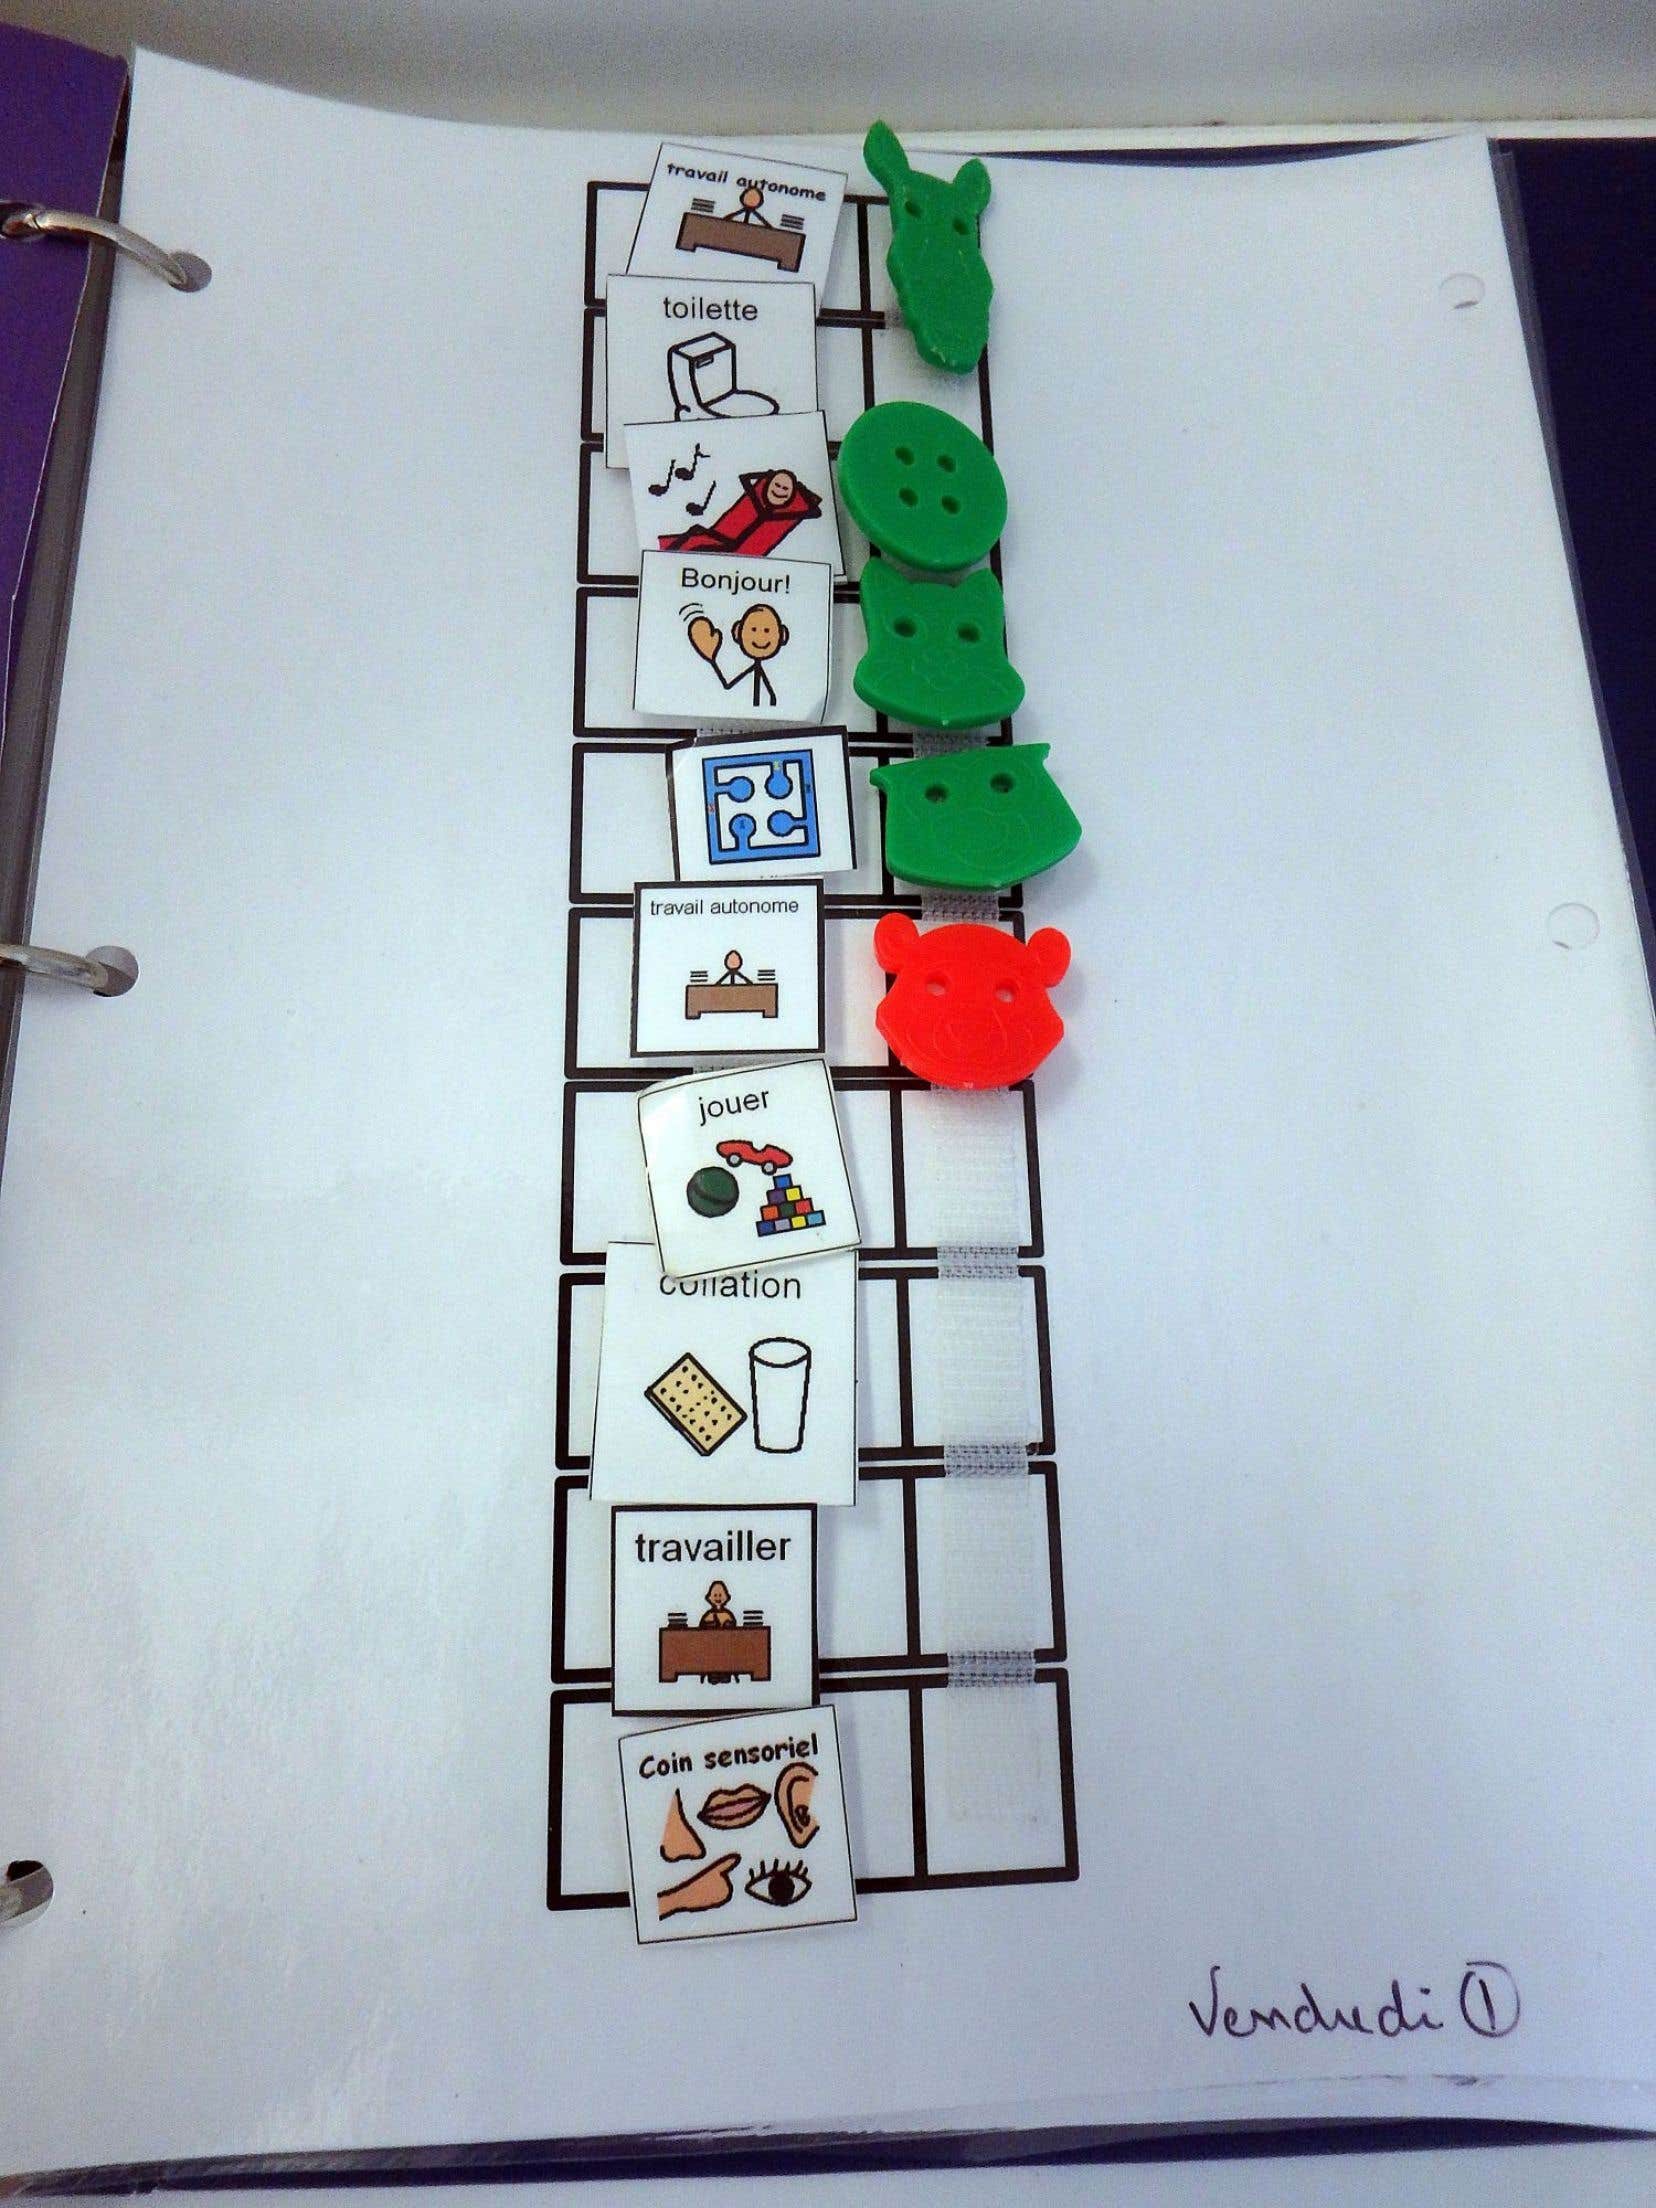 Les différents dessins de la vie quotidienne reflètent les compétences acquises ou non par chaque enfant de la classe.